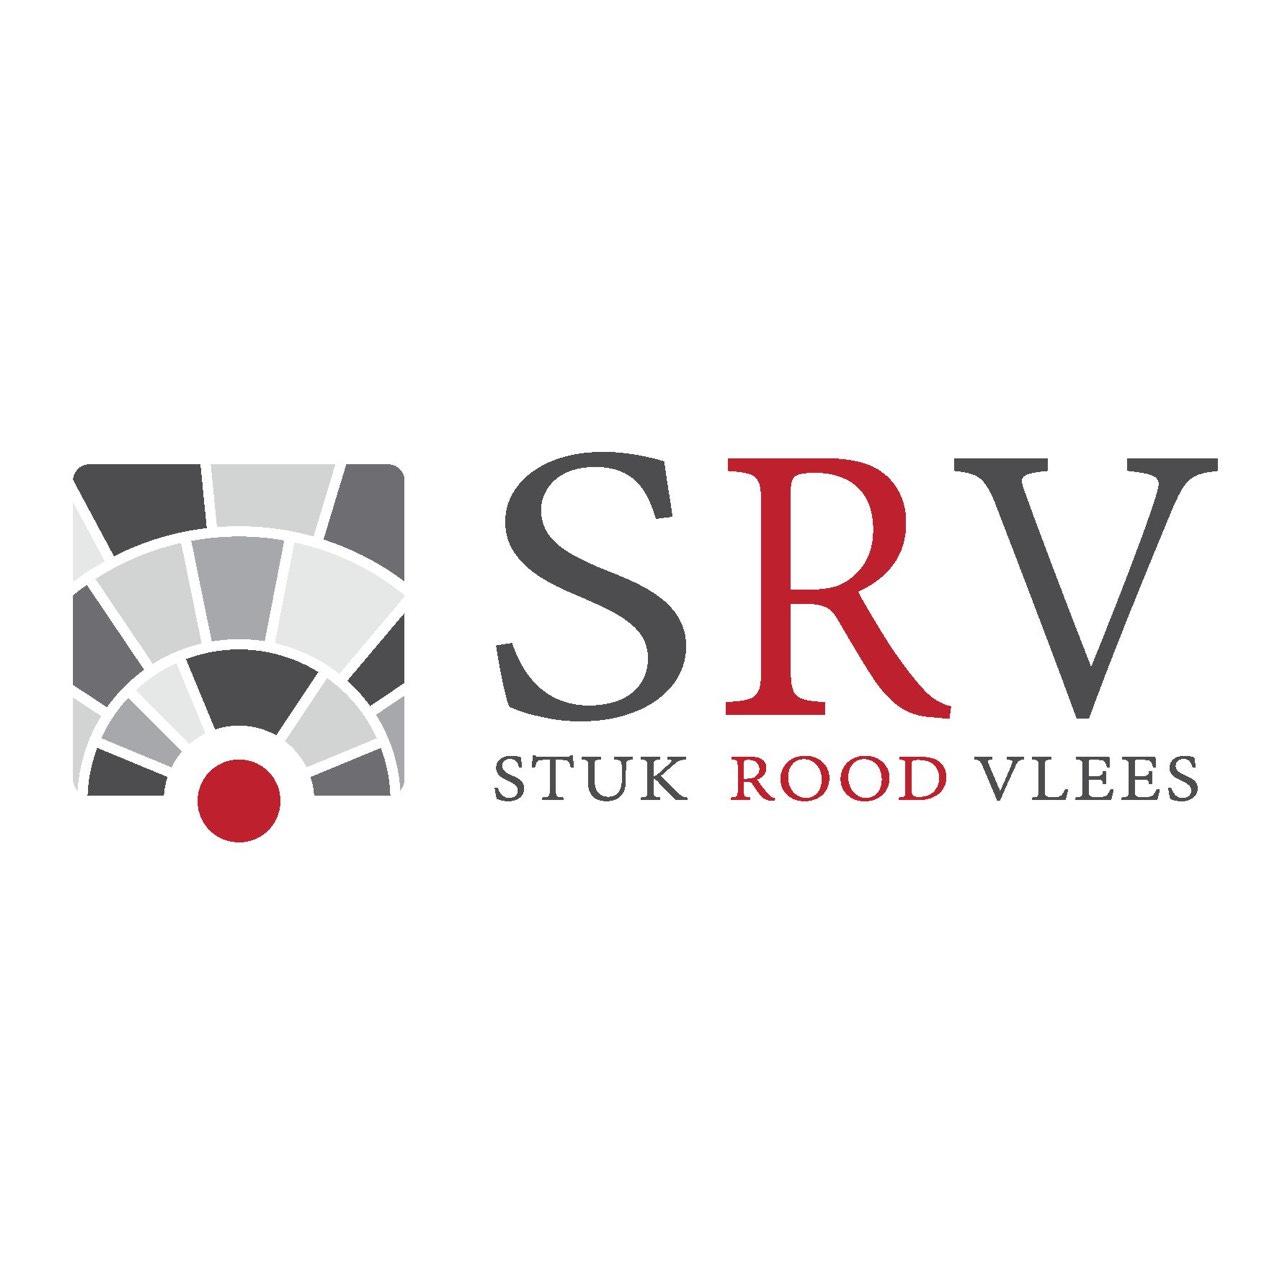 Podcast artwork van Stuk Rood Vlees. Tegen een witte achtergrond zie je de titel in het grijs, behalve het woord rood. Ook de letters SRV zijn groot. Rechts is een illustratie van de tweede kamer van bovenaf gezien